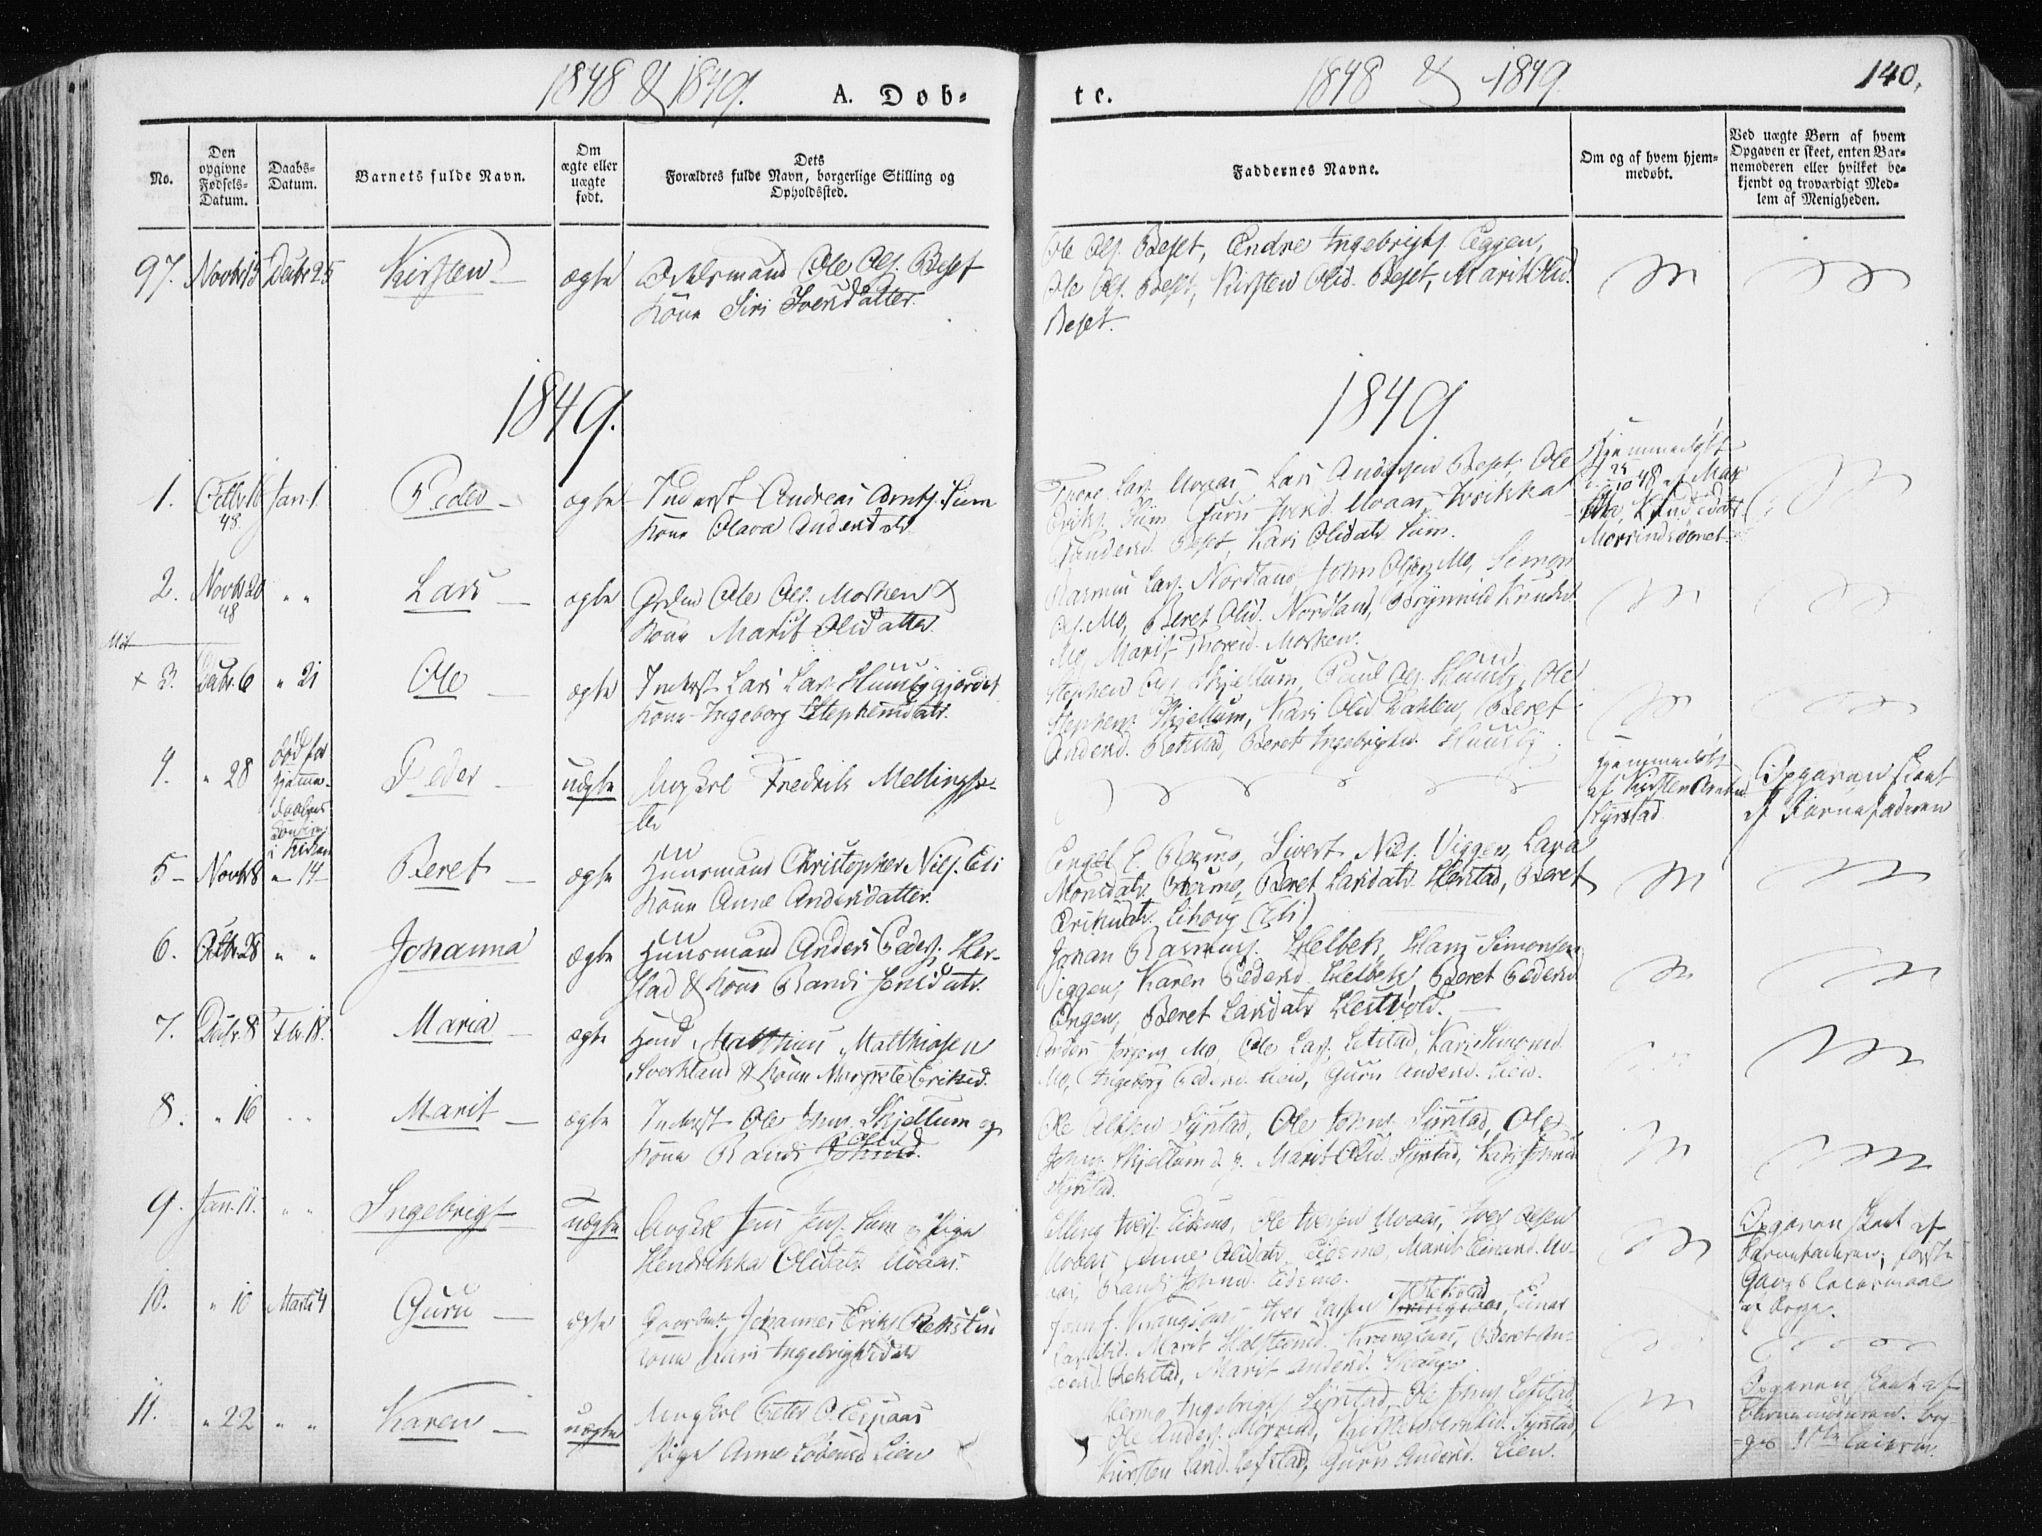 SAT, Ministerialprotokoller, klokkerbøker og fødselsregistre - Sør-Trøndelag, 665/L0771: Ministerialbok nr. 665A06, 1830-1856, s. 140